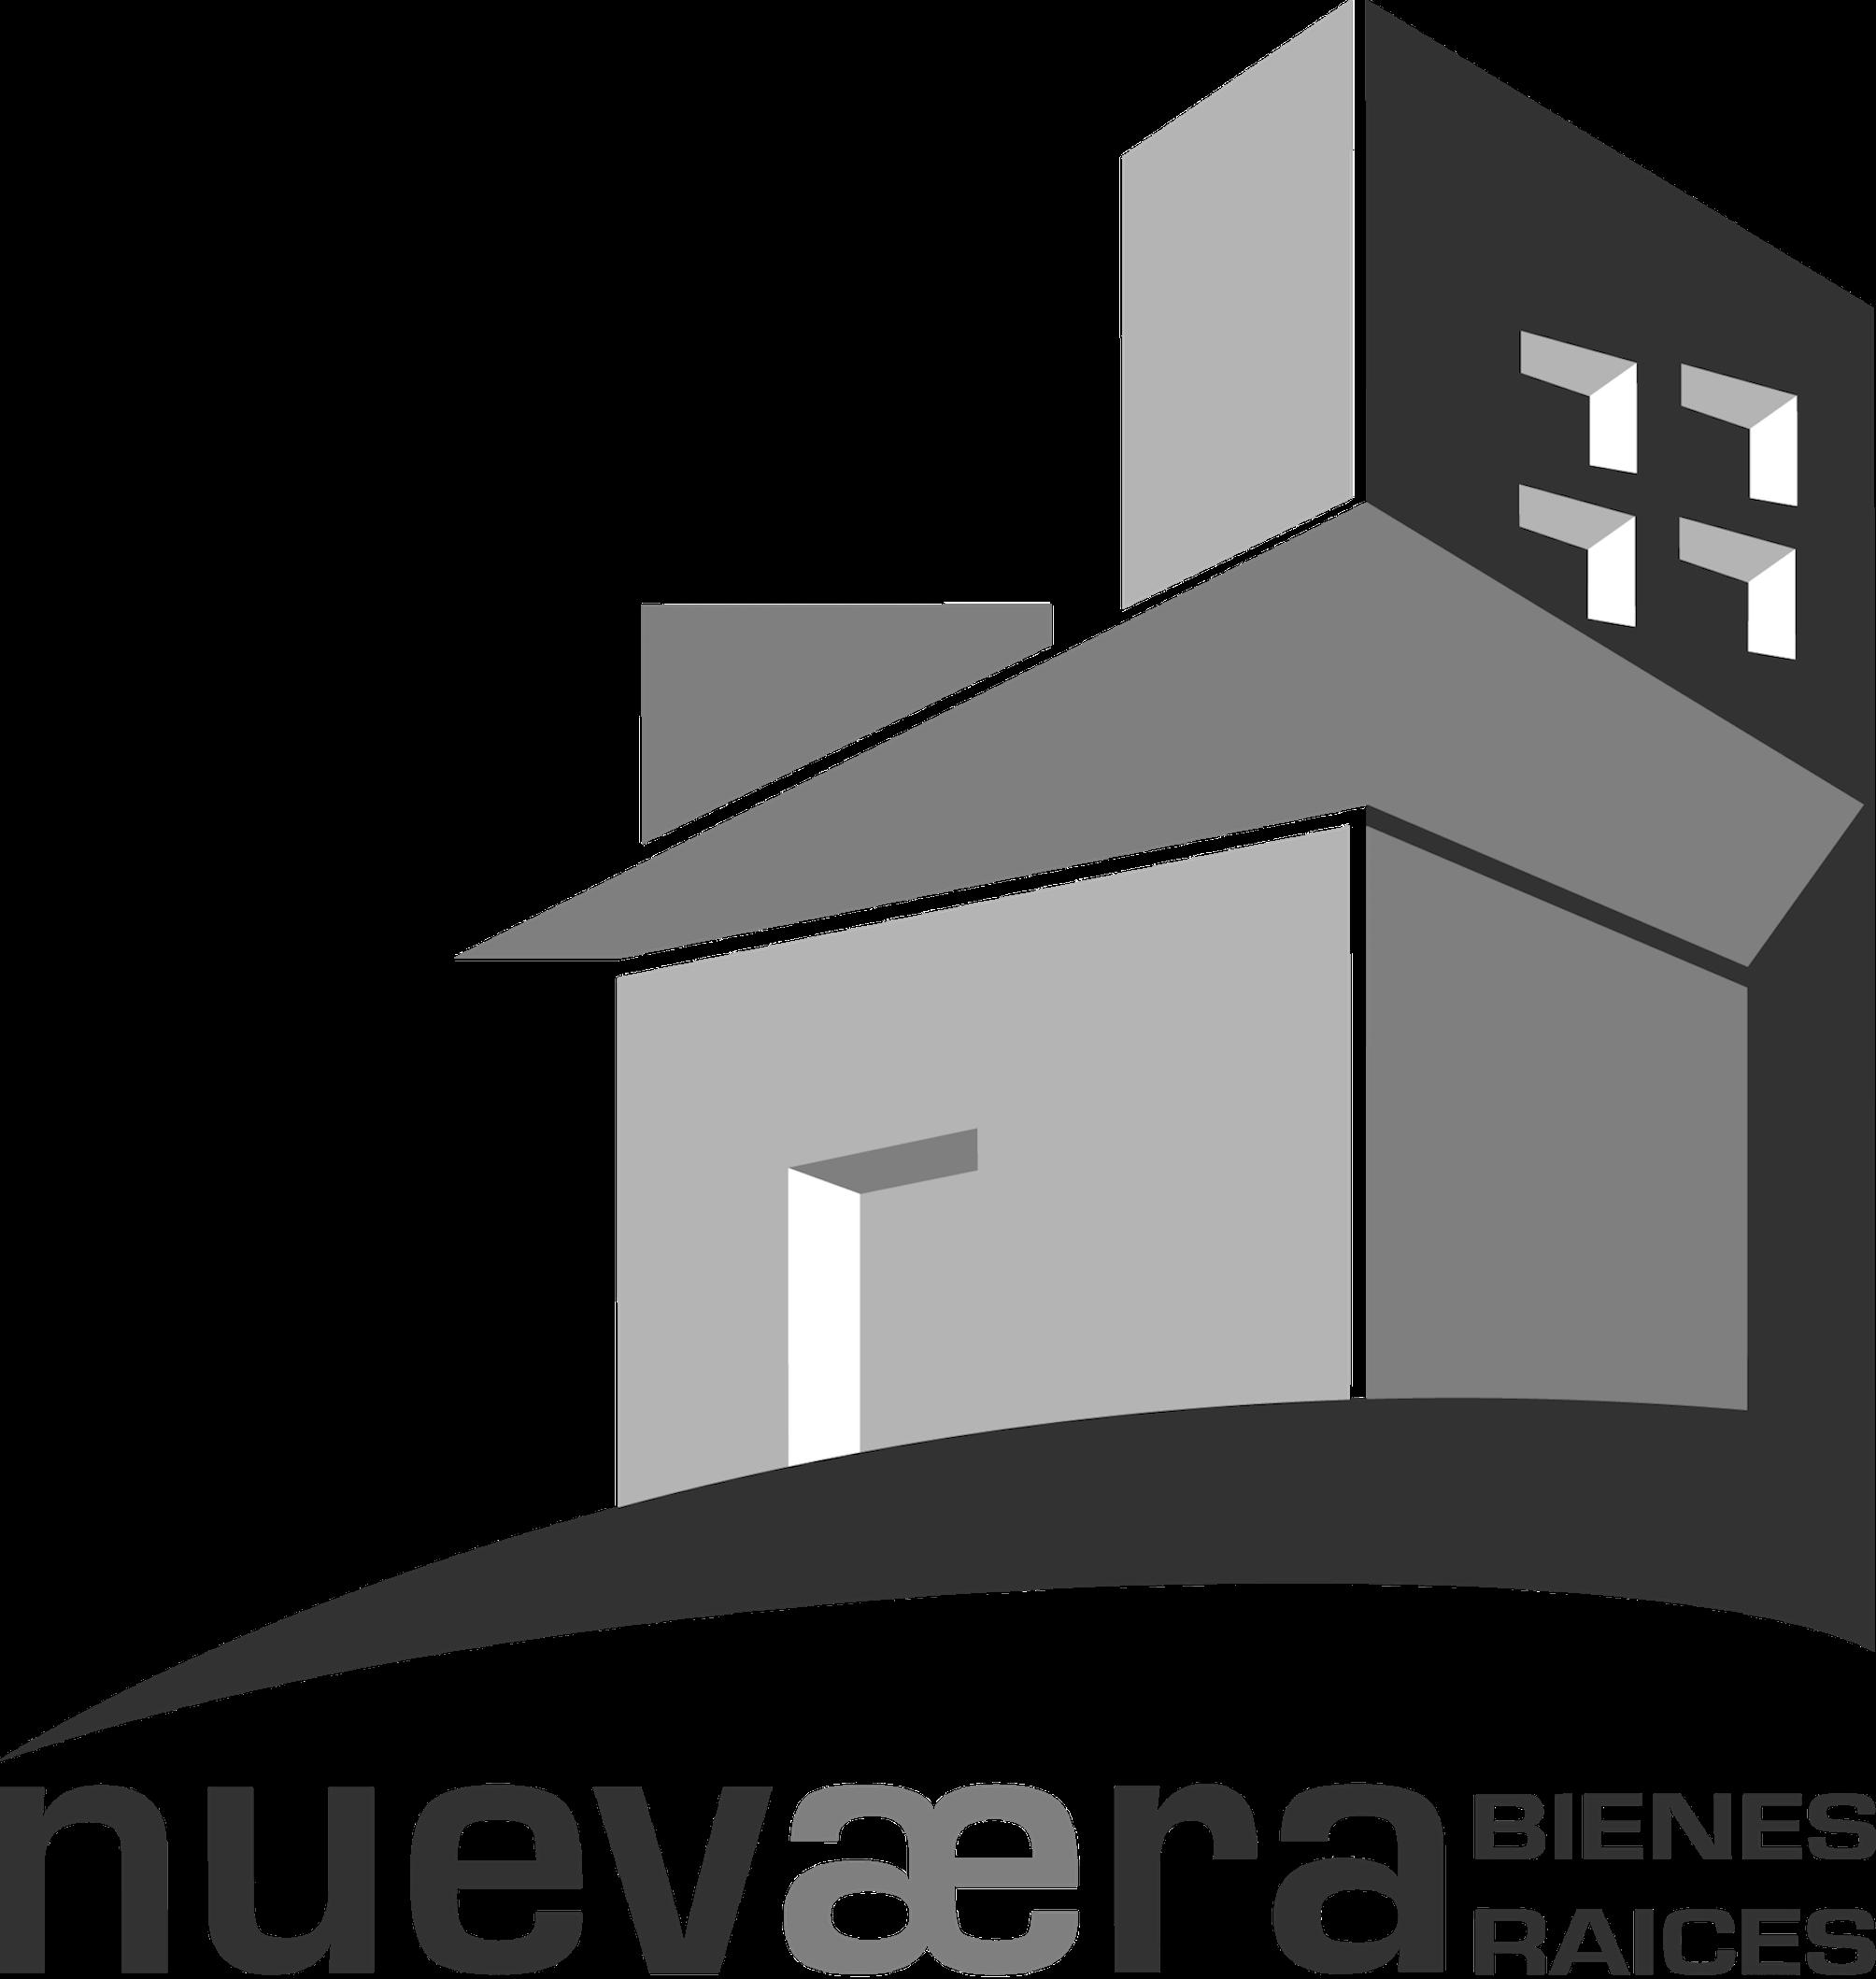 nueva era bienes raíces, casas en venta en Pachuca, renta de casas en Pachuca, inmobiliaria en pachuca, lotes en pachuca